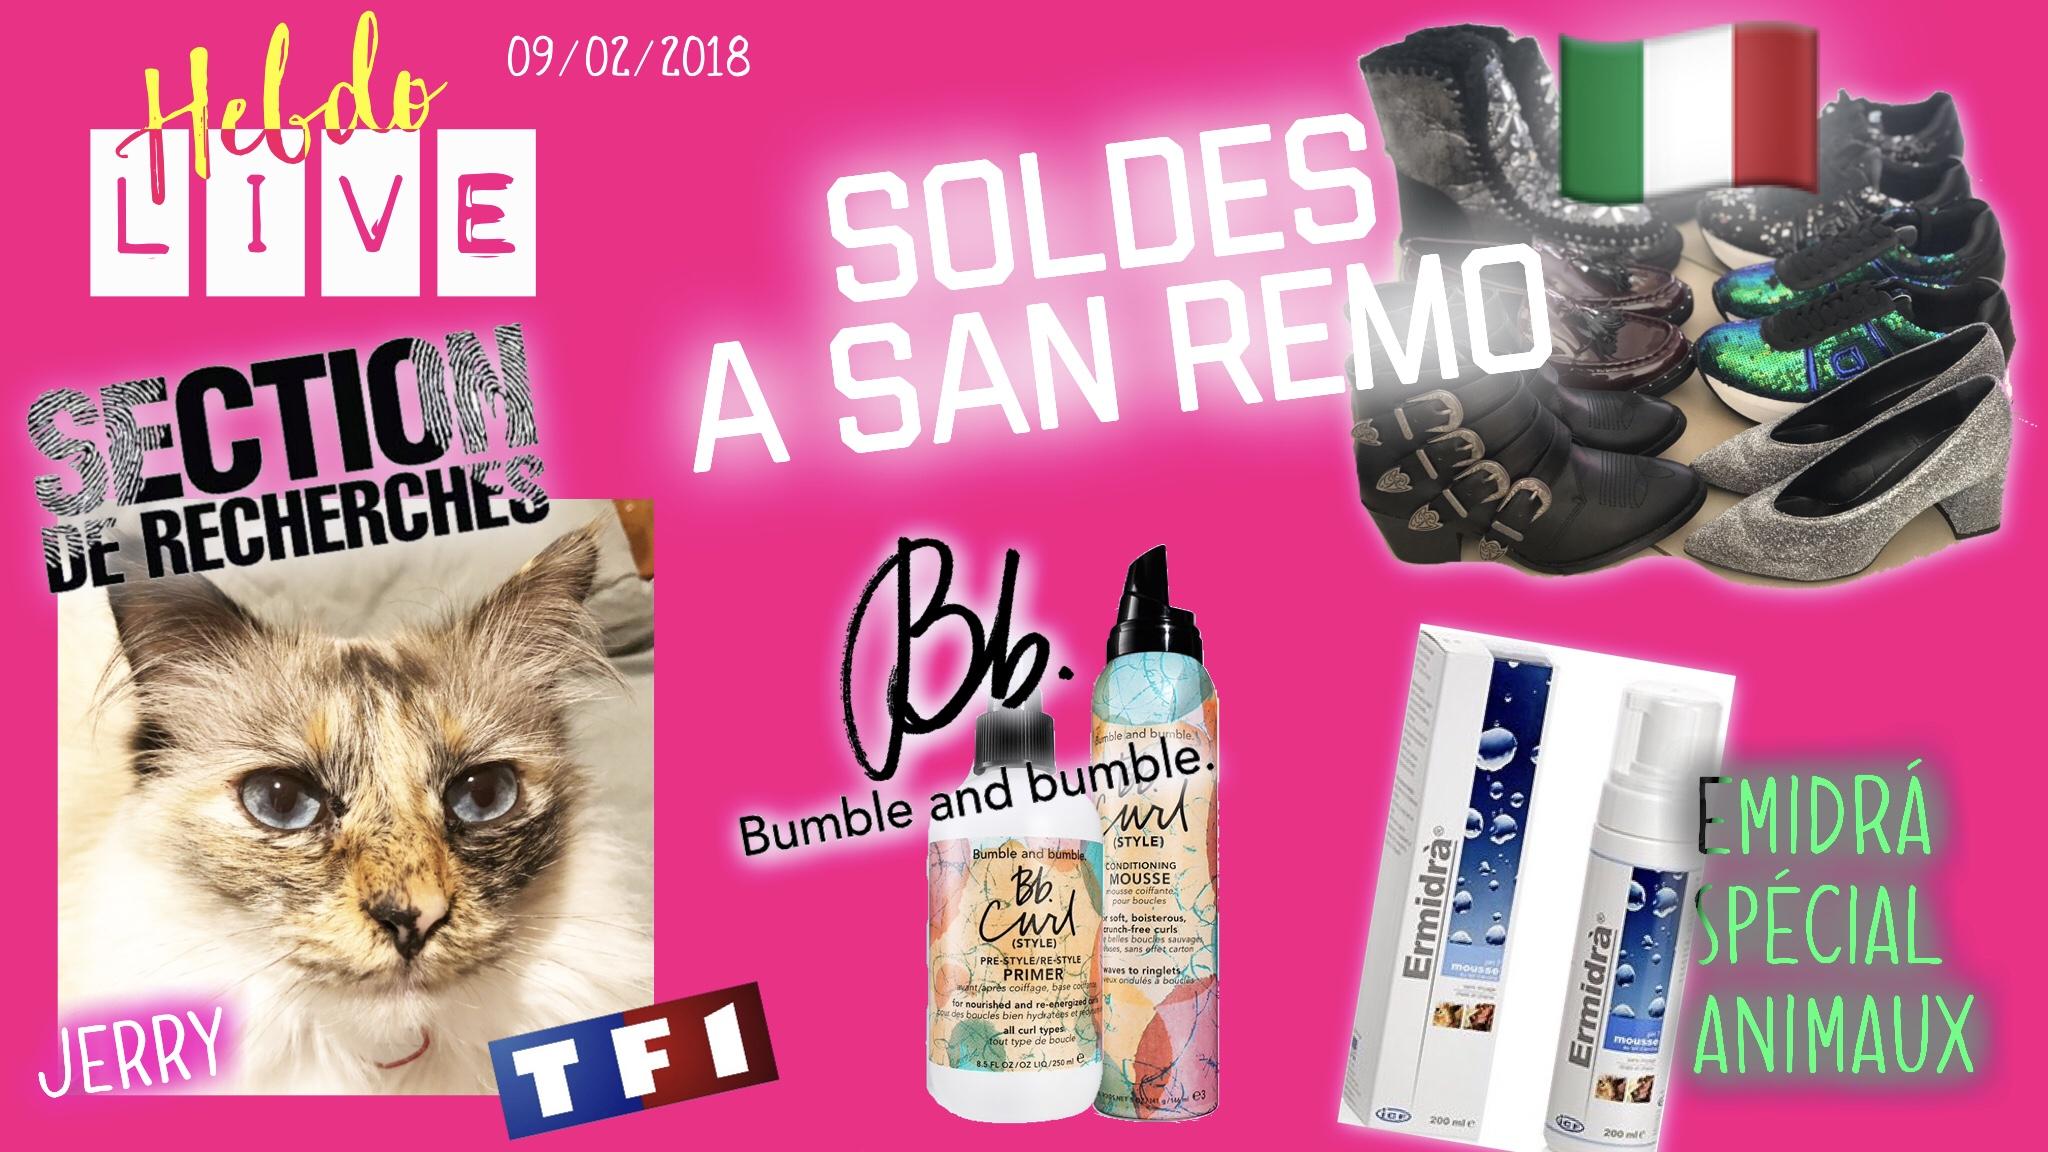 SOLDES ITALIE, CHAT DE SECTION DE RECHERCHE TF1, BLEU D'AZUR, BUMBLE AND BUMBLE, ERMIDRA